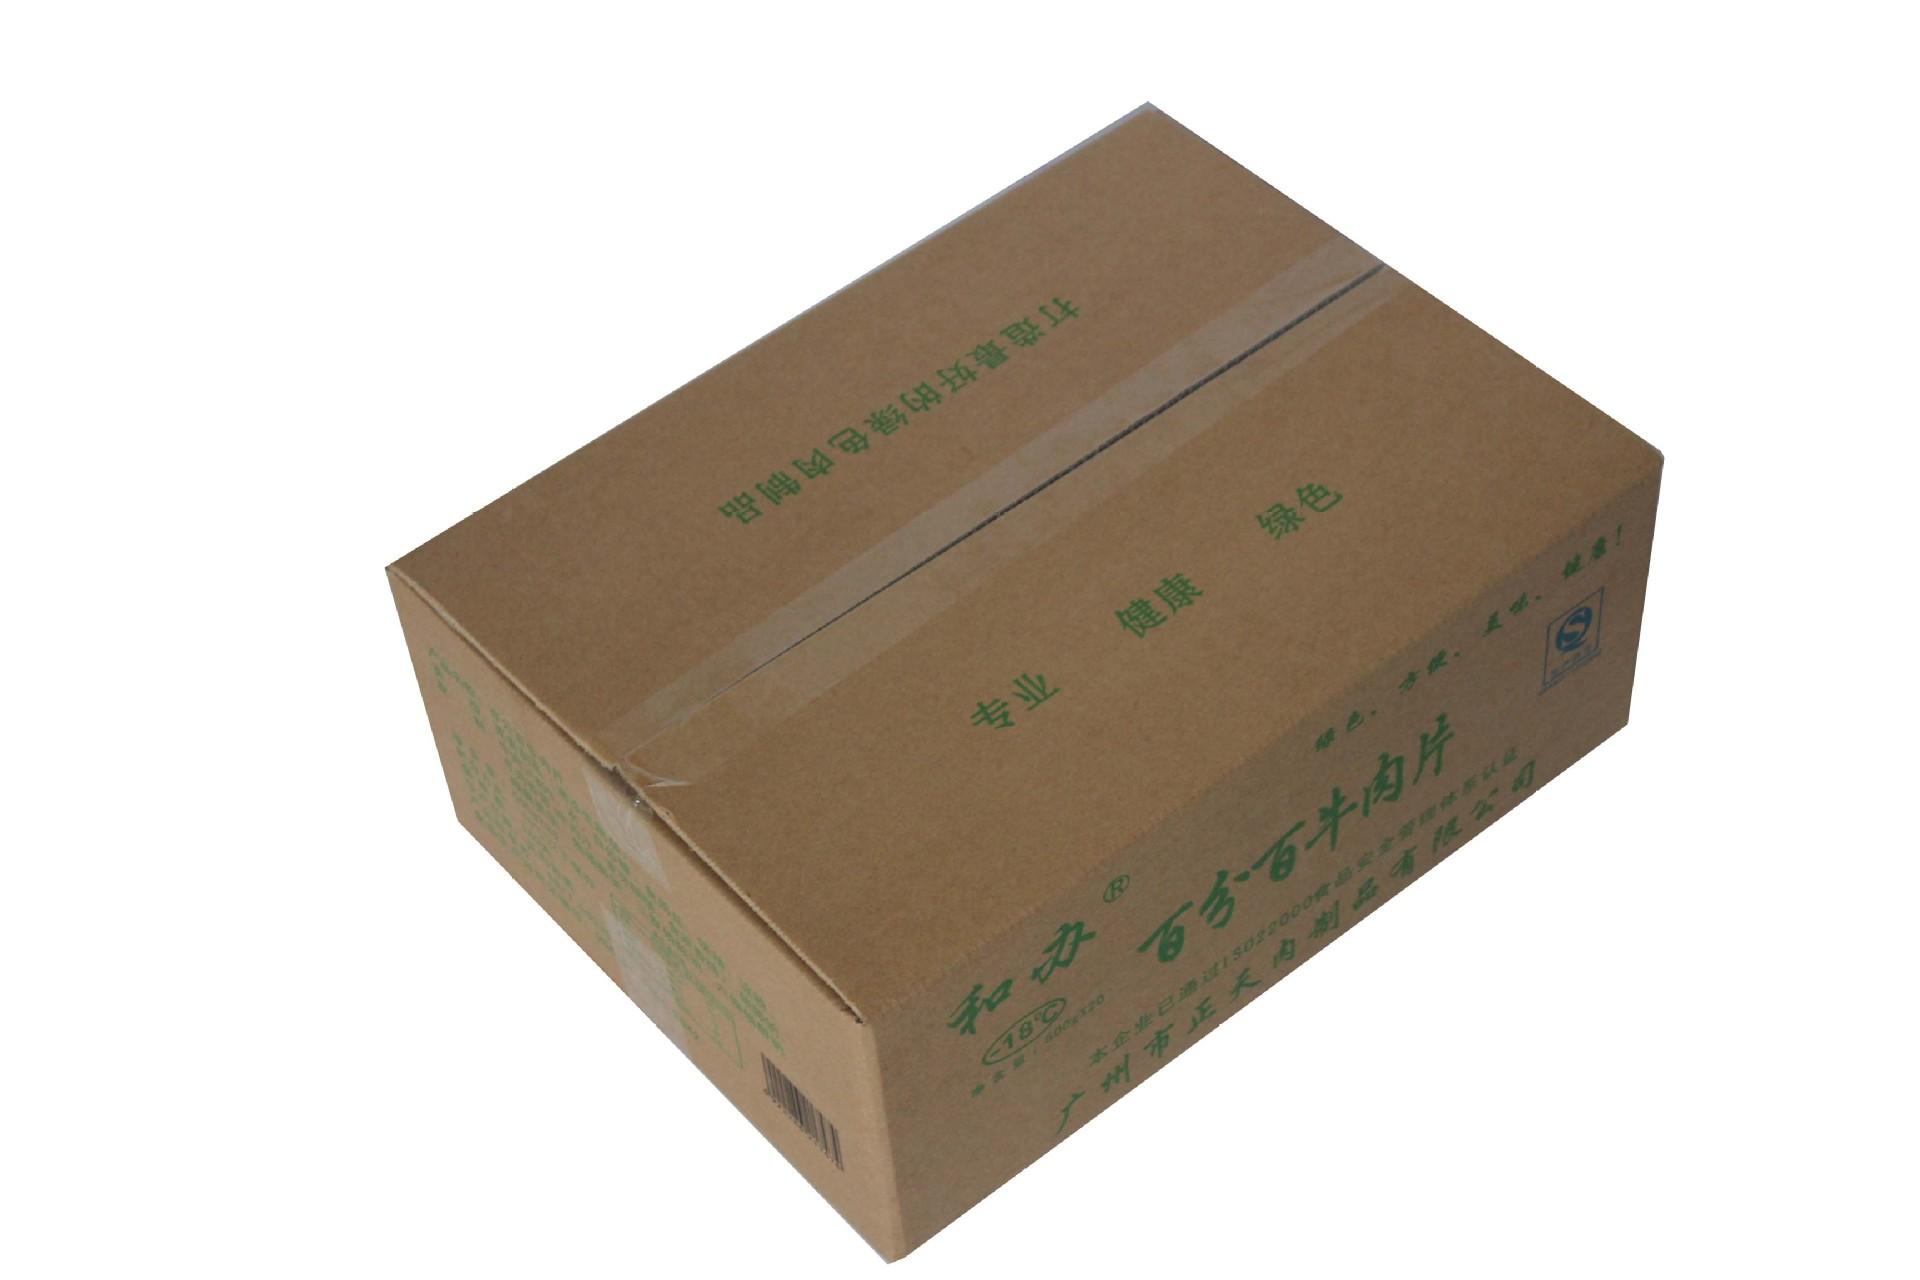 现货外包装纸箱 包装纸箱 纸箱批发